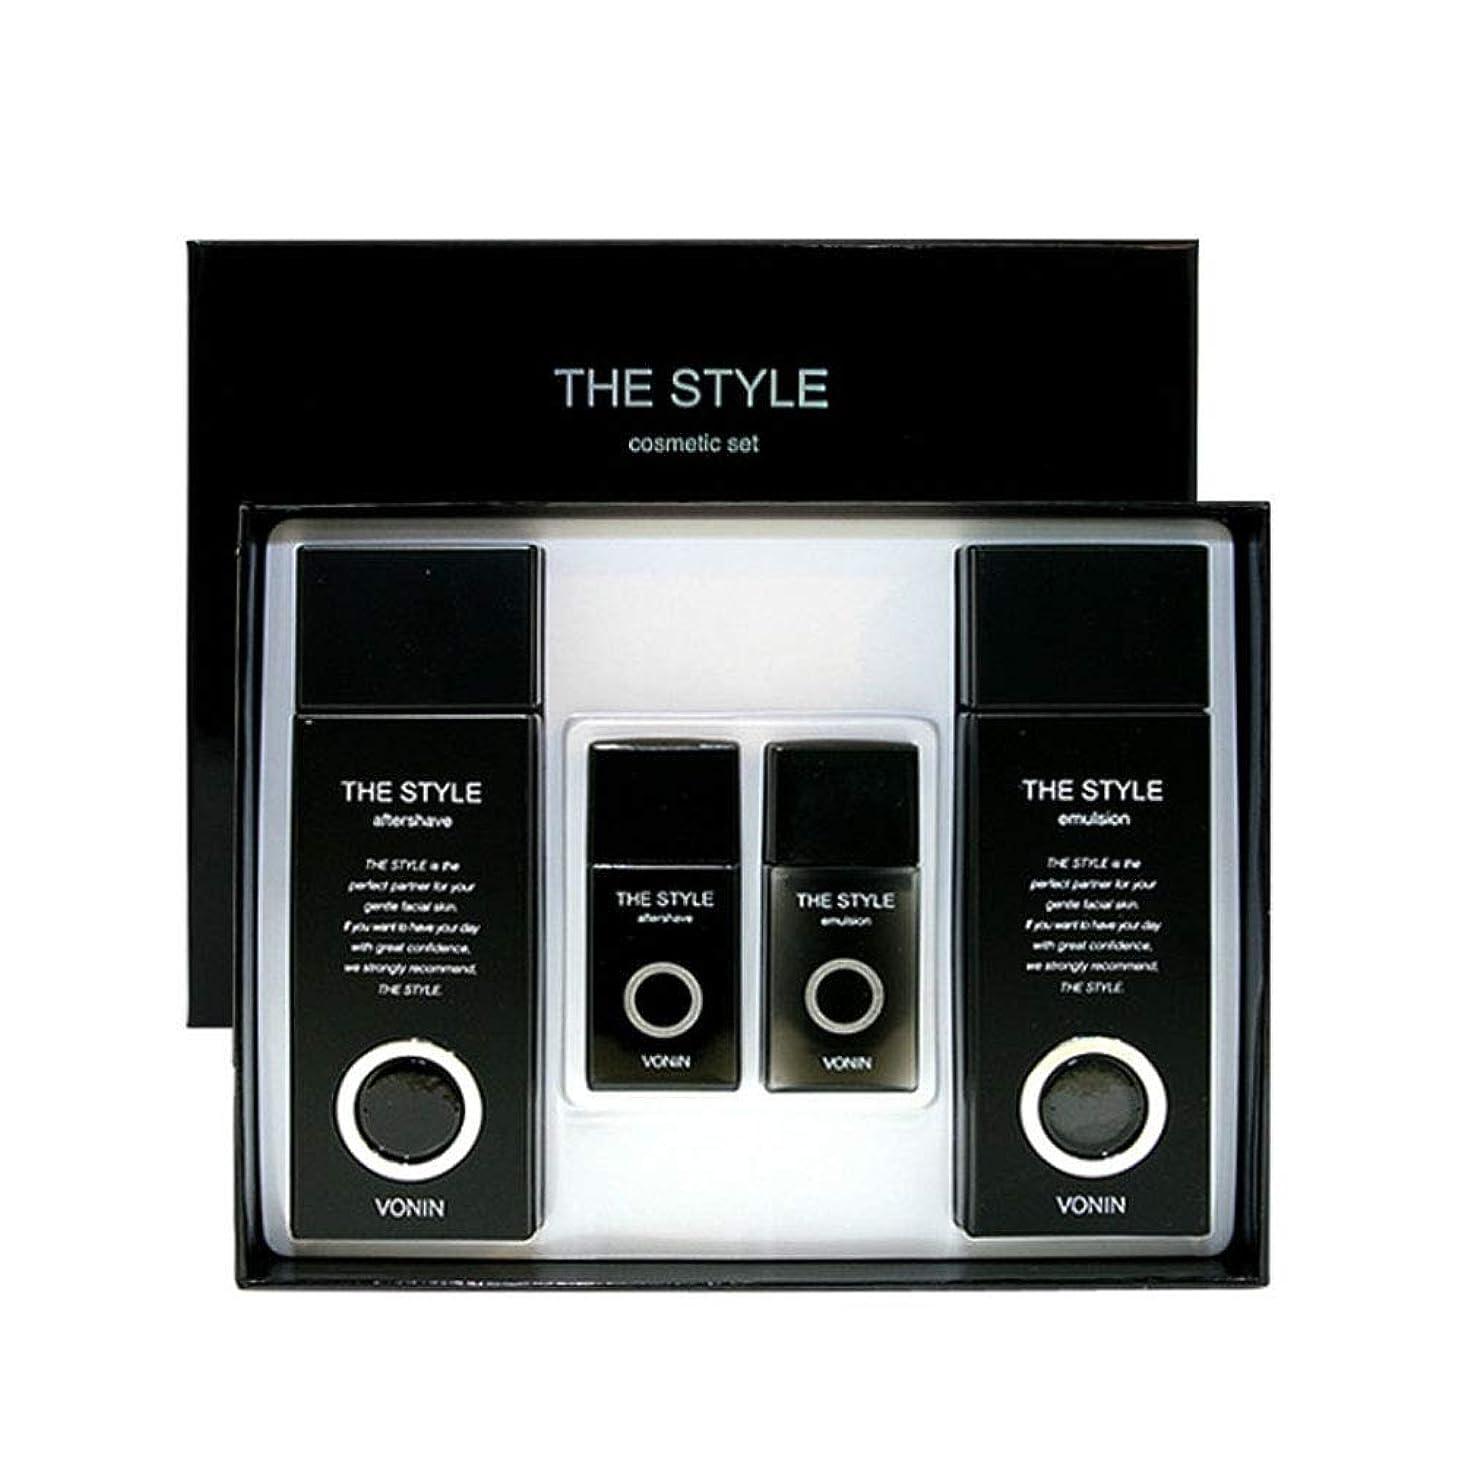 毛細血管眉もう一度ボニンダースタイルアフターシェーブ170ml(135+35)エマルジョン170ml(135+35)セットメンズコスメ韓国コスメ、VONIN The Style Aftershave 170ml(135+35) Emulsion 170ml(135+35) Set Men's Cosmetics Korean Cosmetics [並行輸入品]